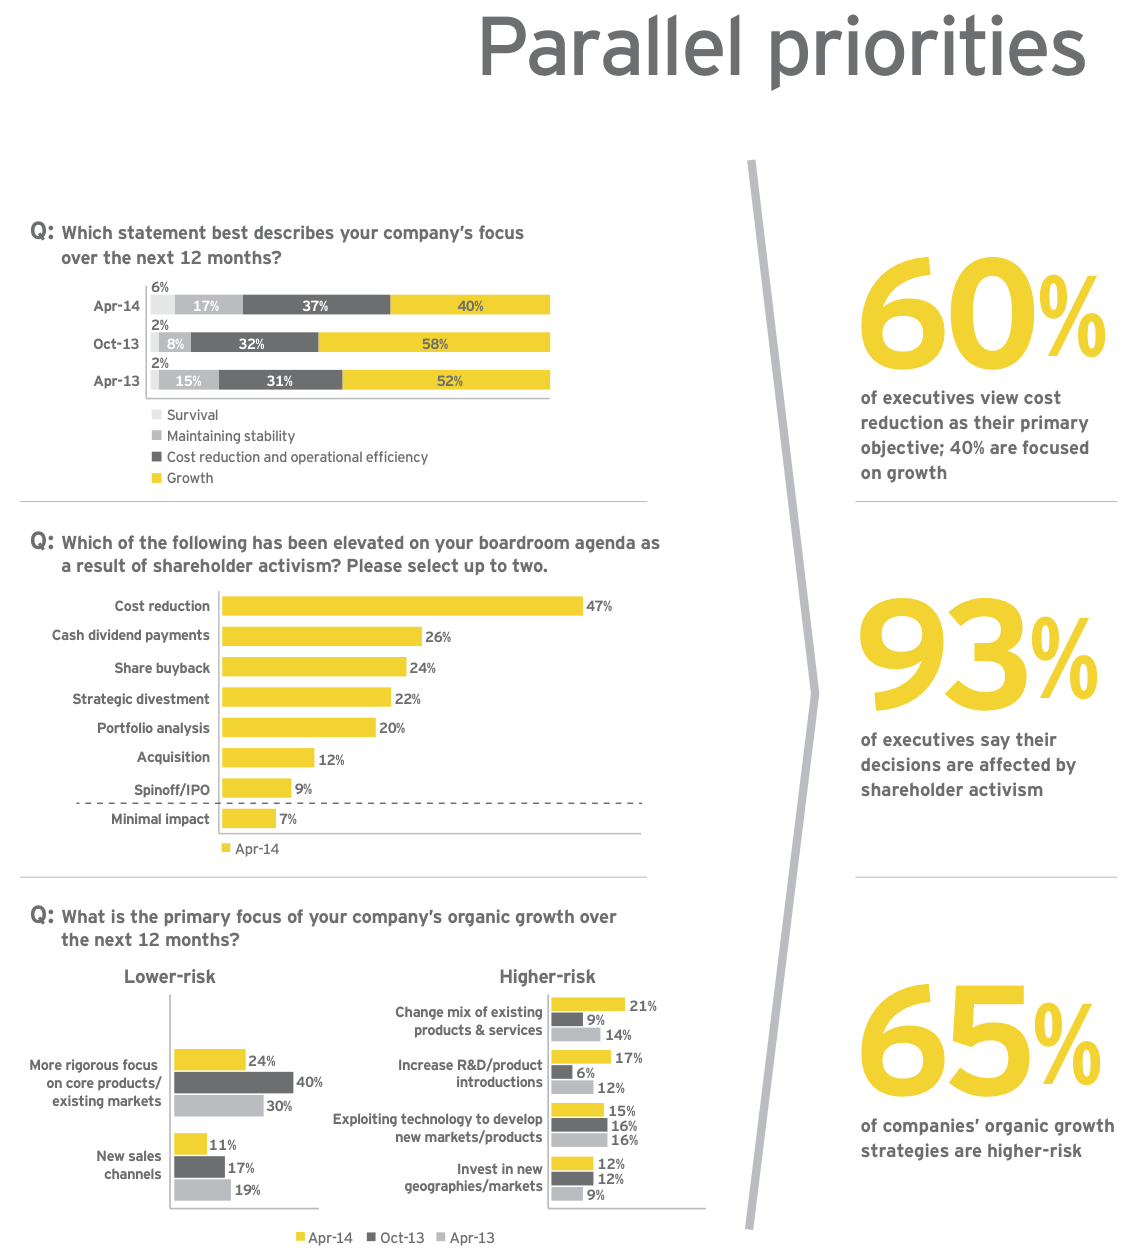 Figure 4: Parallel priorities